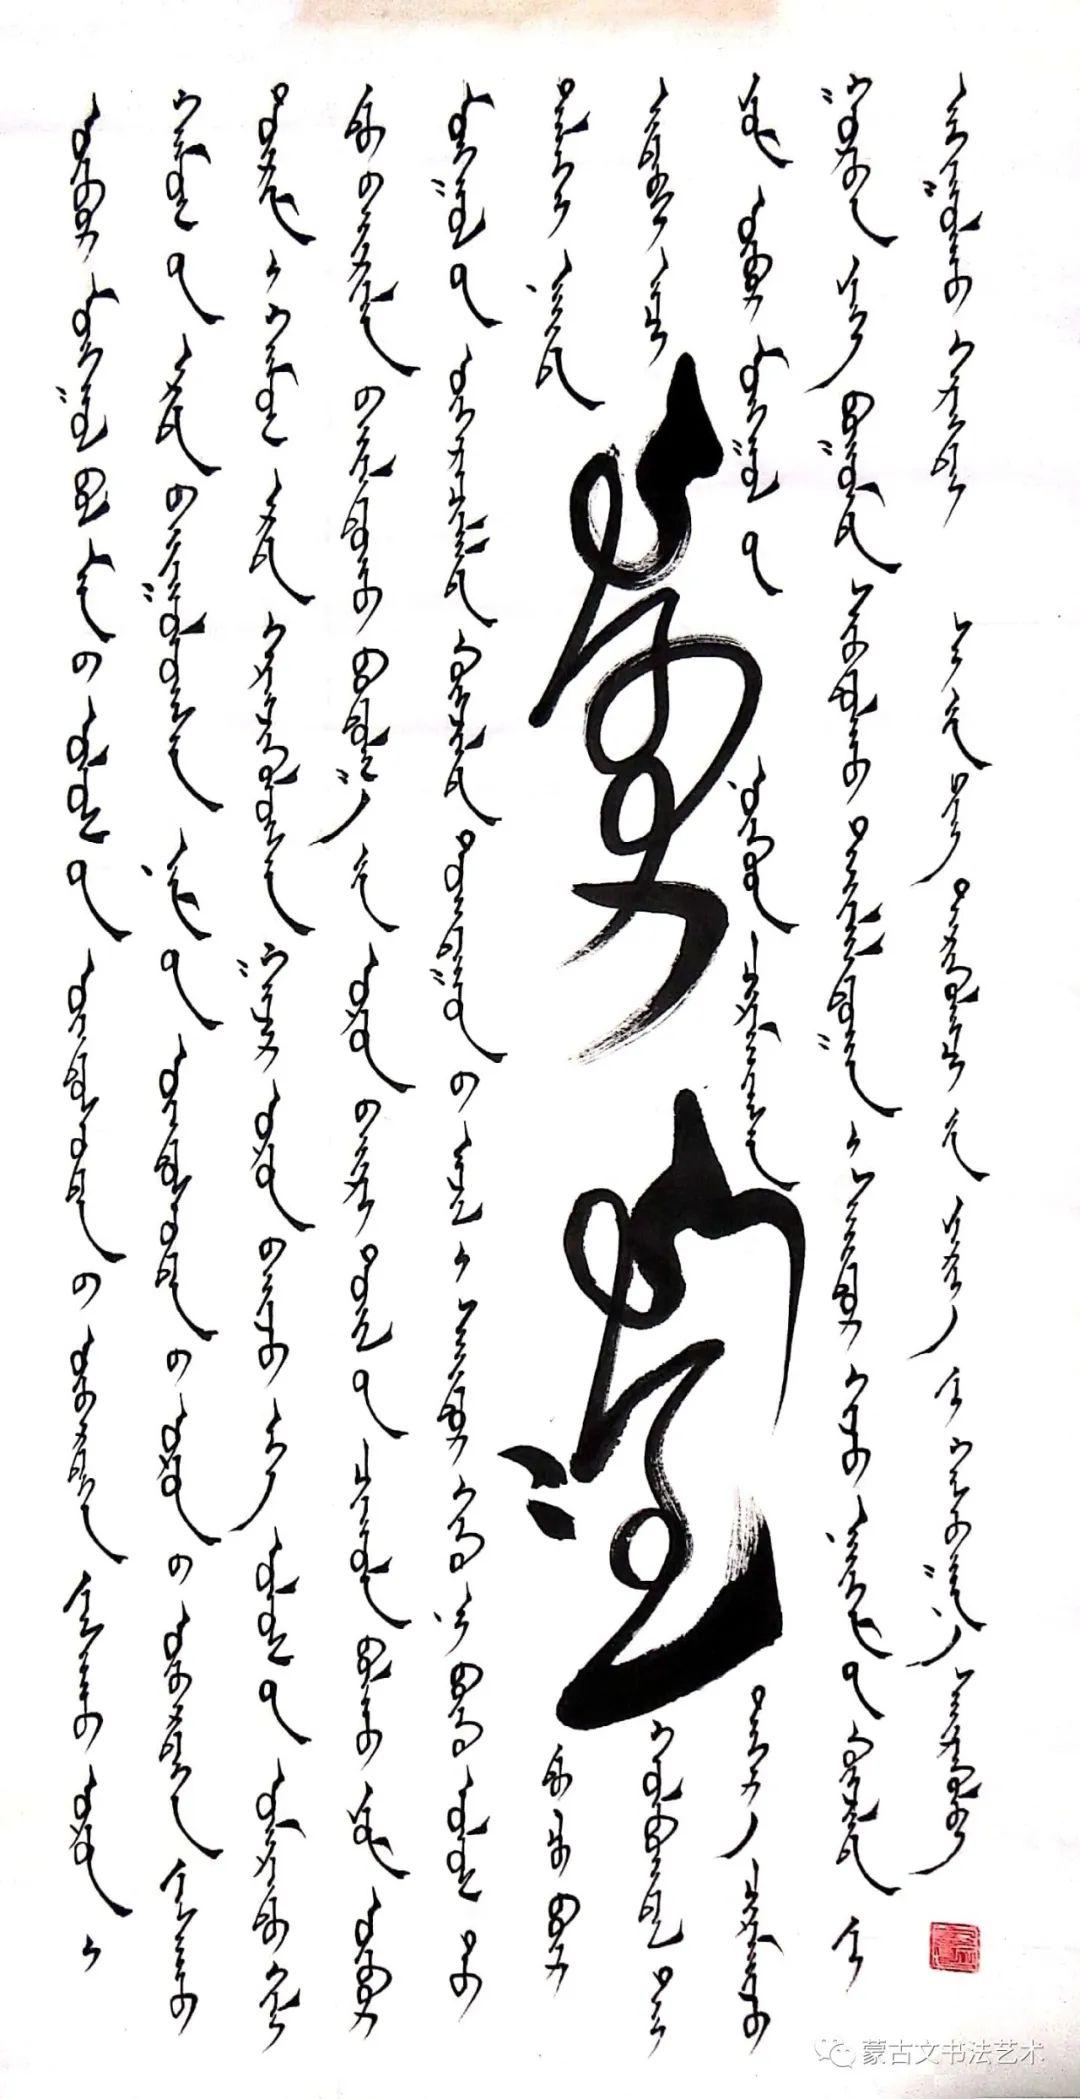 哈斯巴根蒙古文书法 第5张